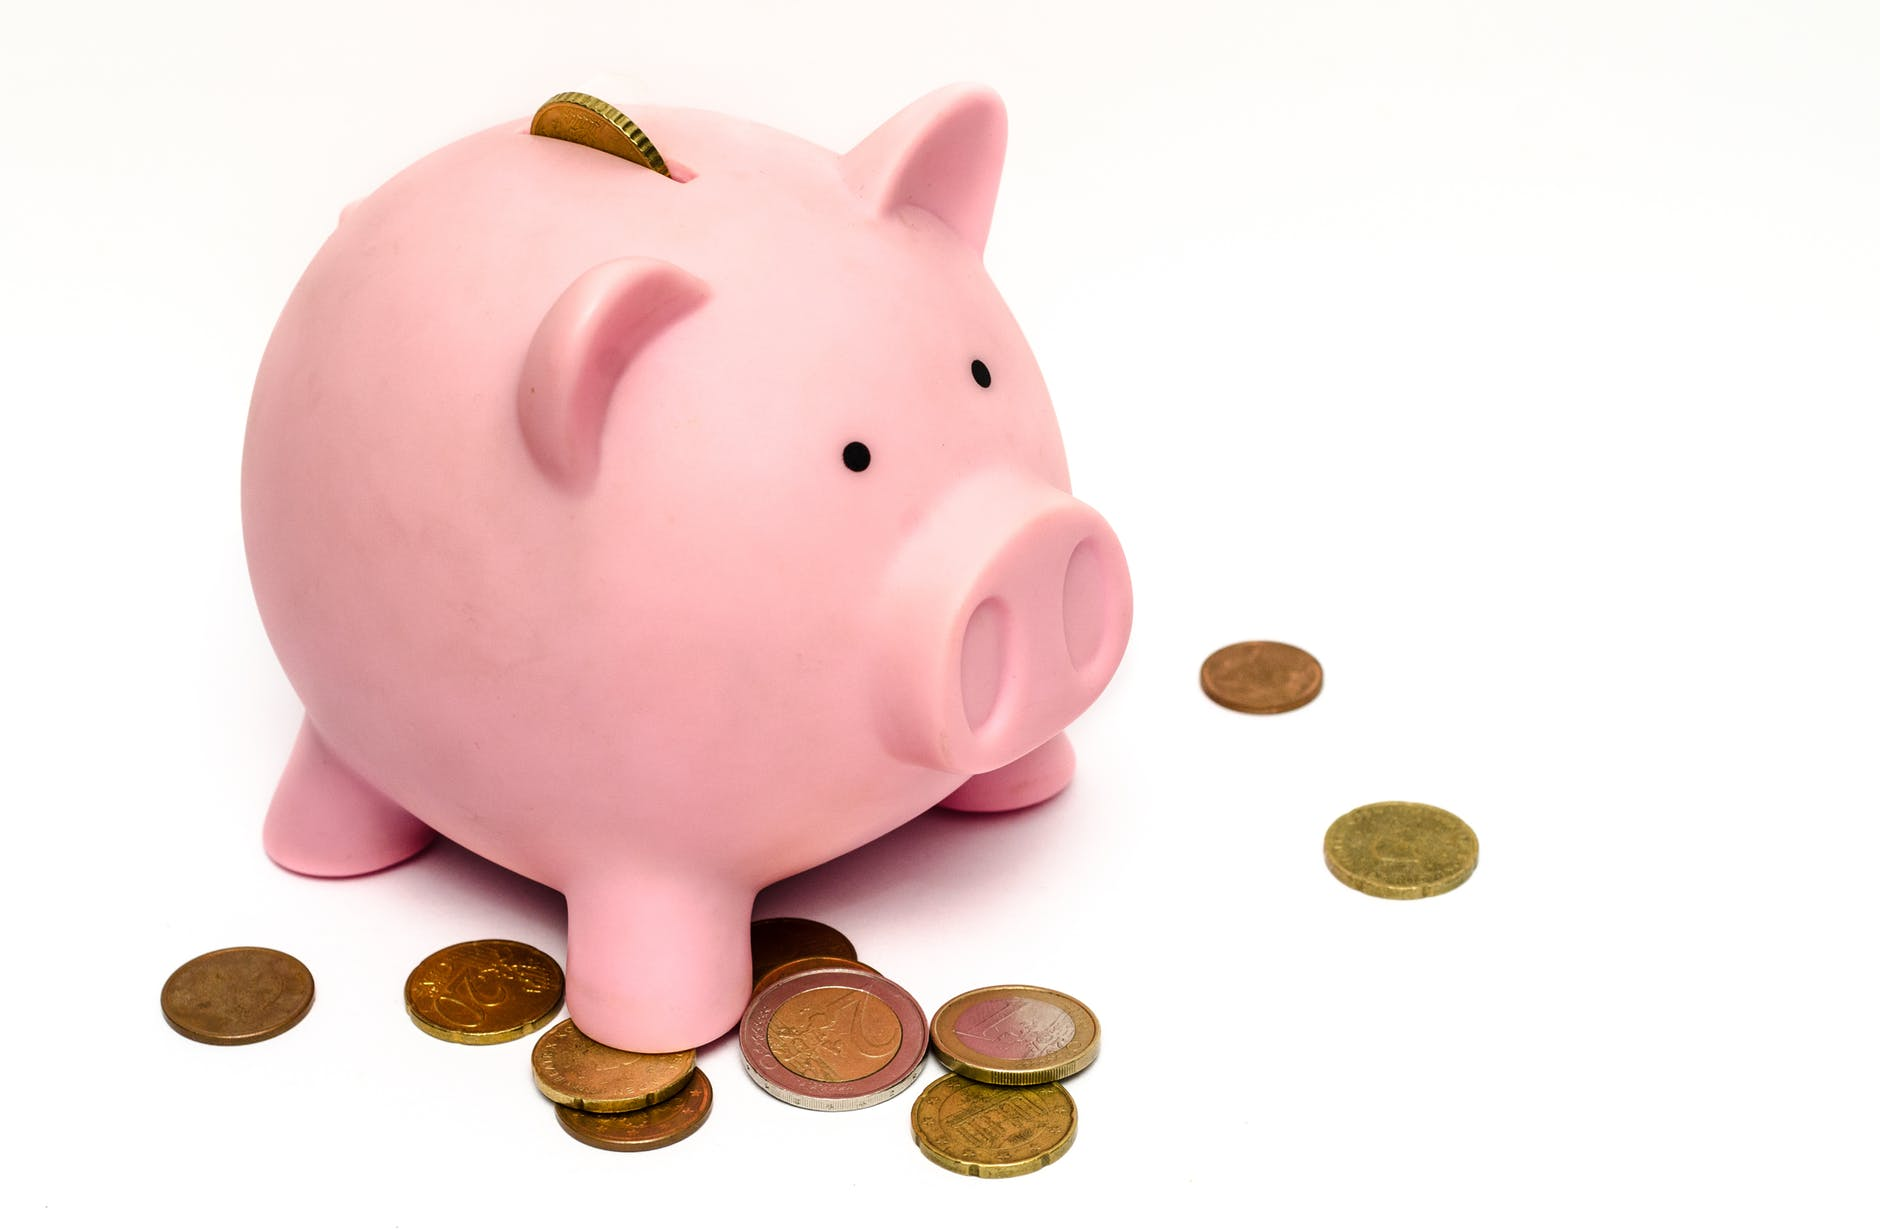 החזר מס מקופת גמל, איך בודקים אם אנו זכאים?